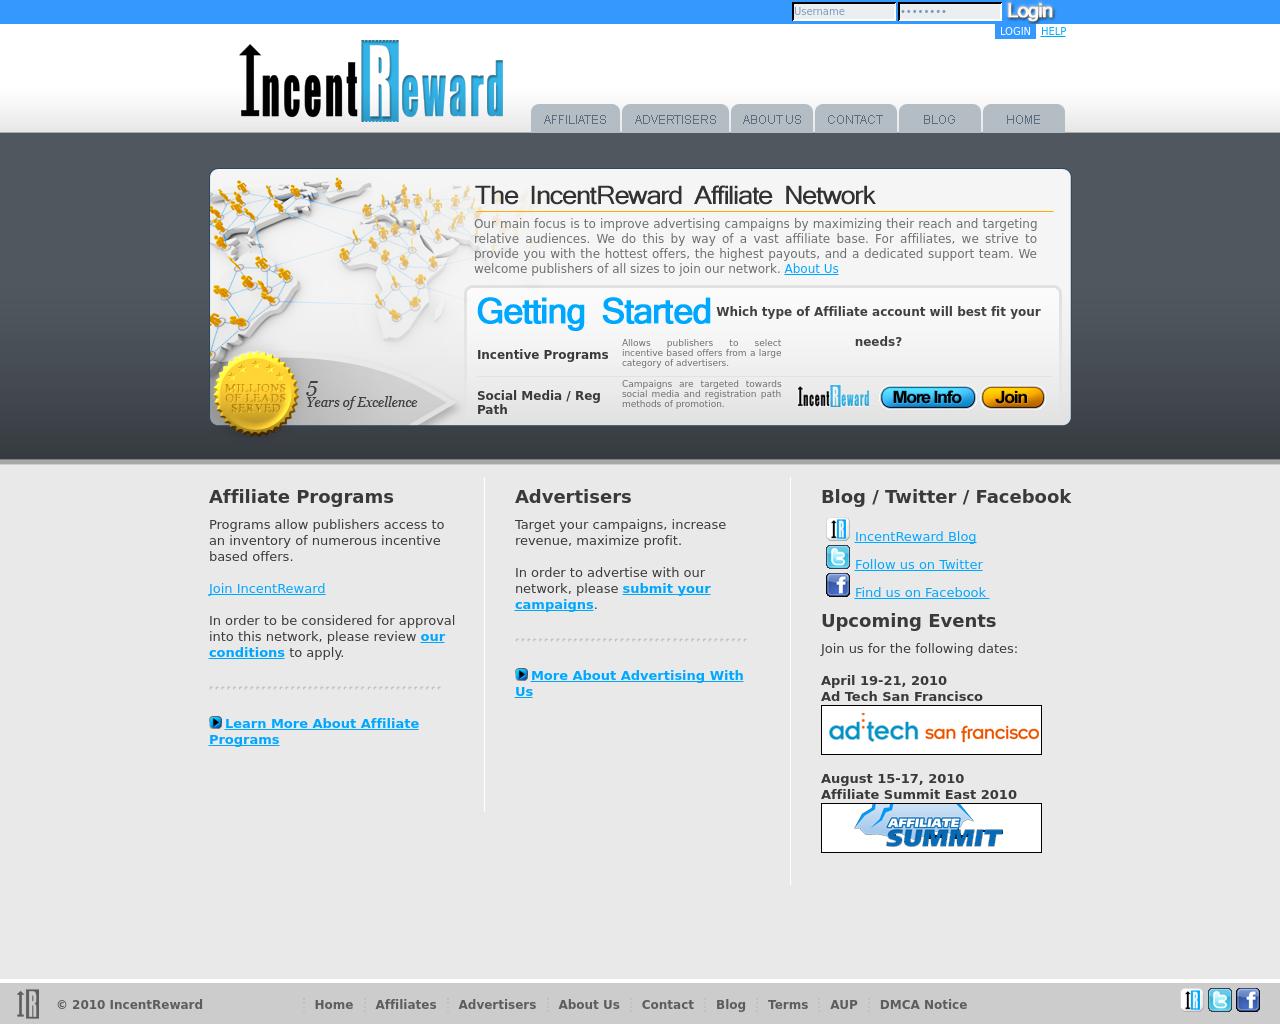 89410.12057 websnapshot